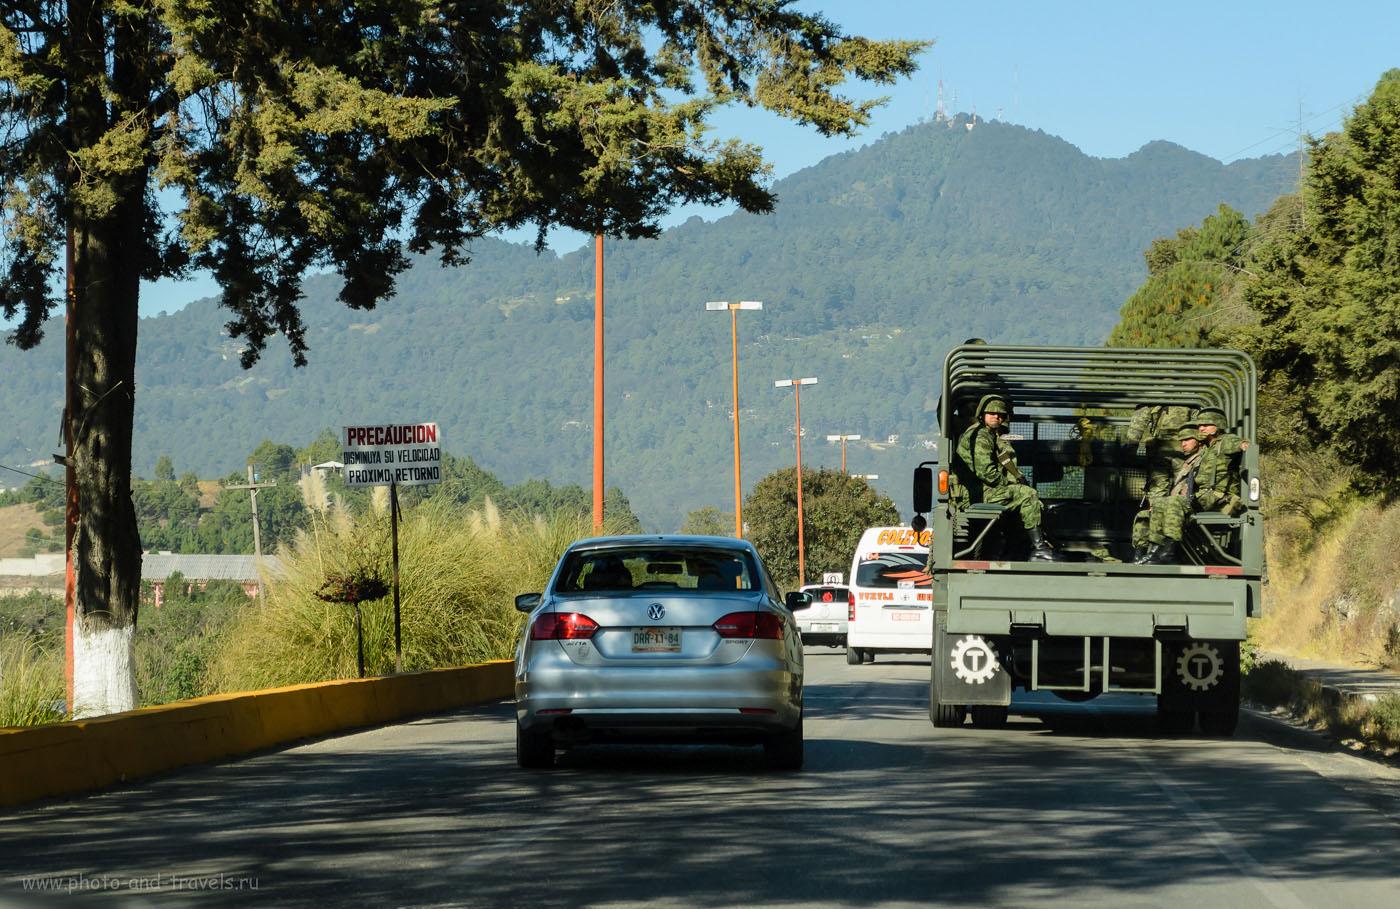 Фото 1. Выезжаем из Сан-Кристобаль-де-Лас-Касас по направлению к Тустла-Гутьеррес. Наша цель - каньон Сумидеро. Отзывы туристов о путешествии по Мексике на машине